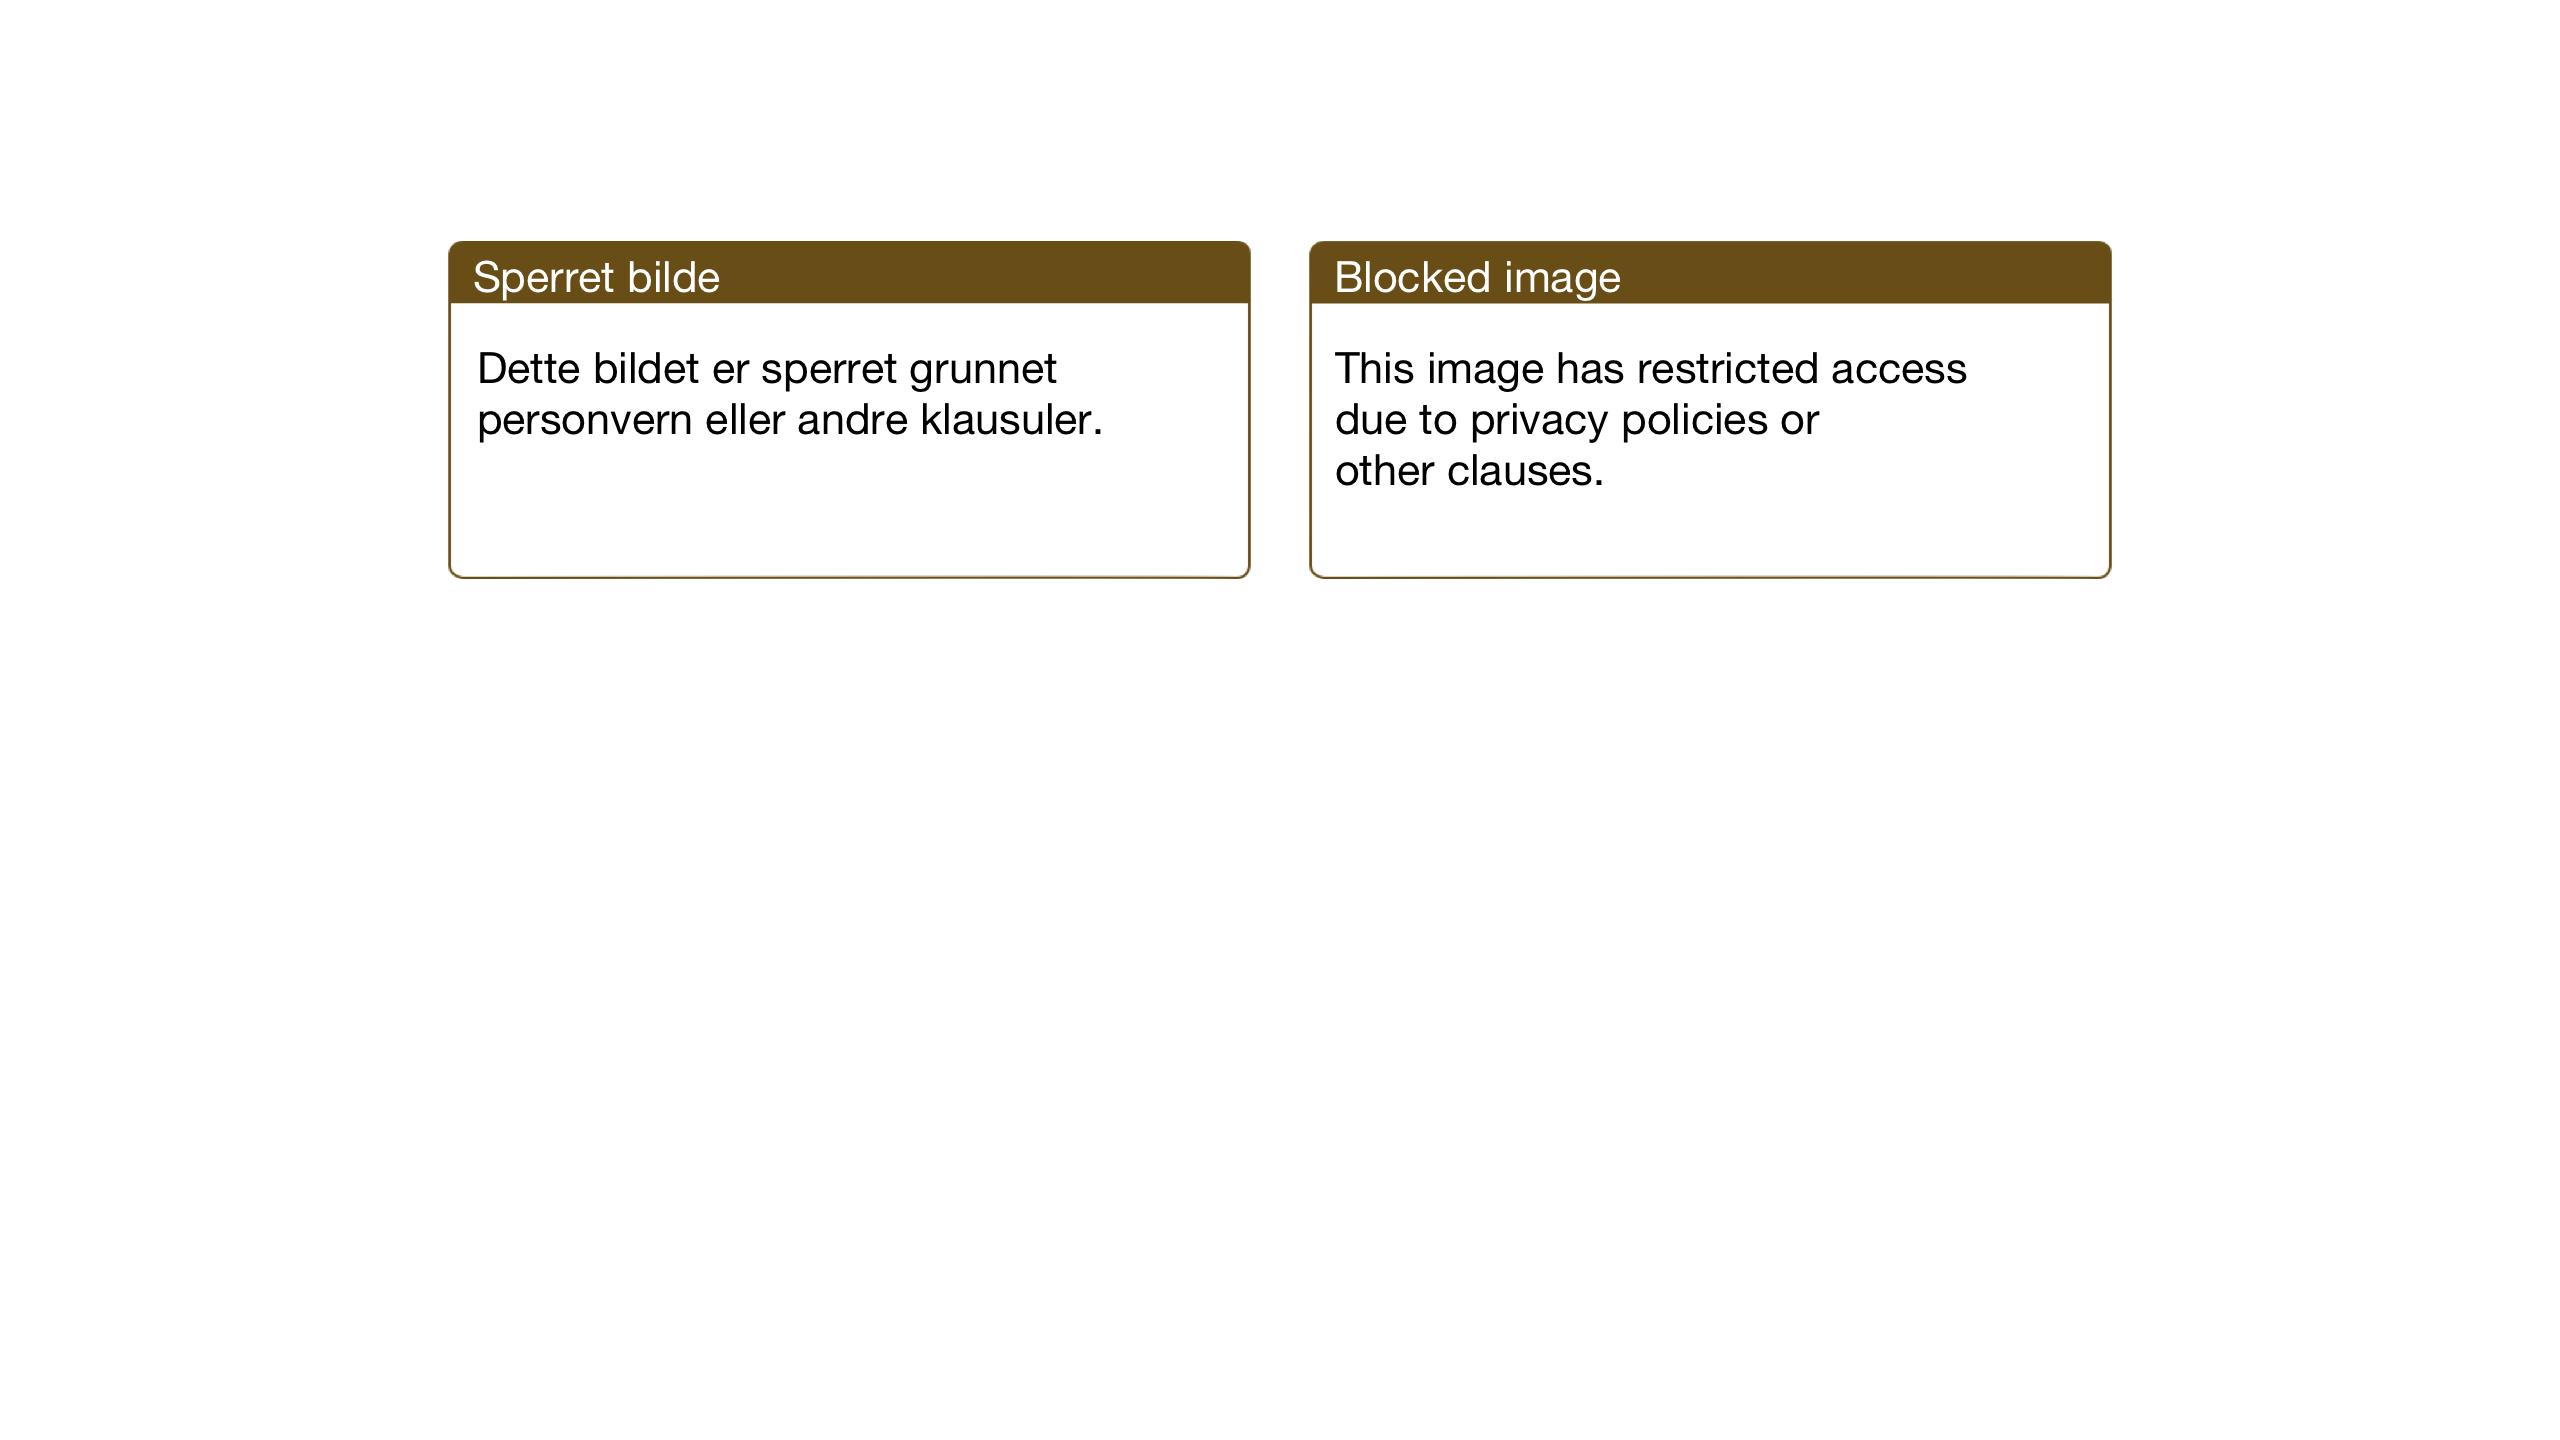 SAT, Ministerialprotokoller, klokkerbøker og fødselsregistre - Nord-Trøndelag, 749/L0481: Klokkerbok nr. 749C03, 1933-1945, s. 54